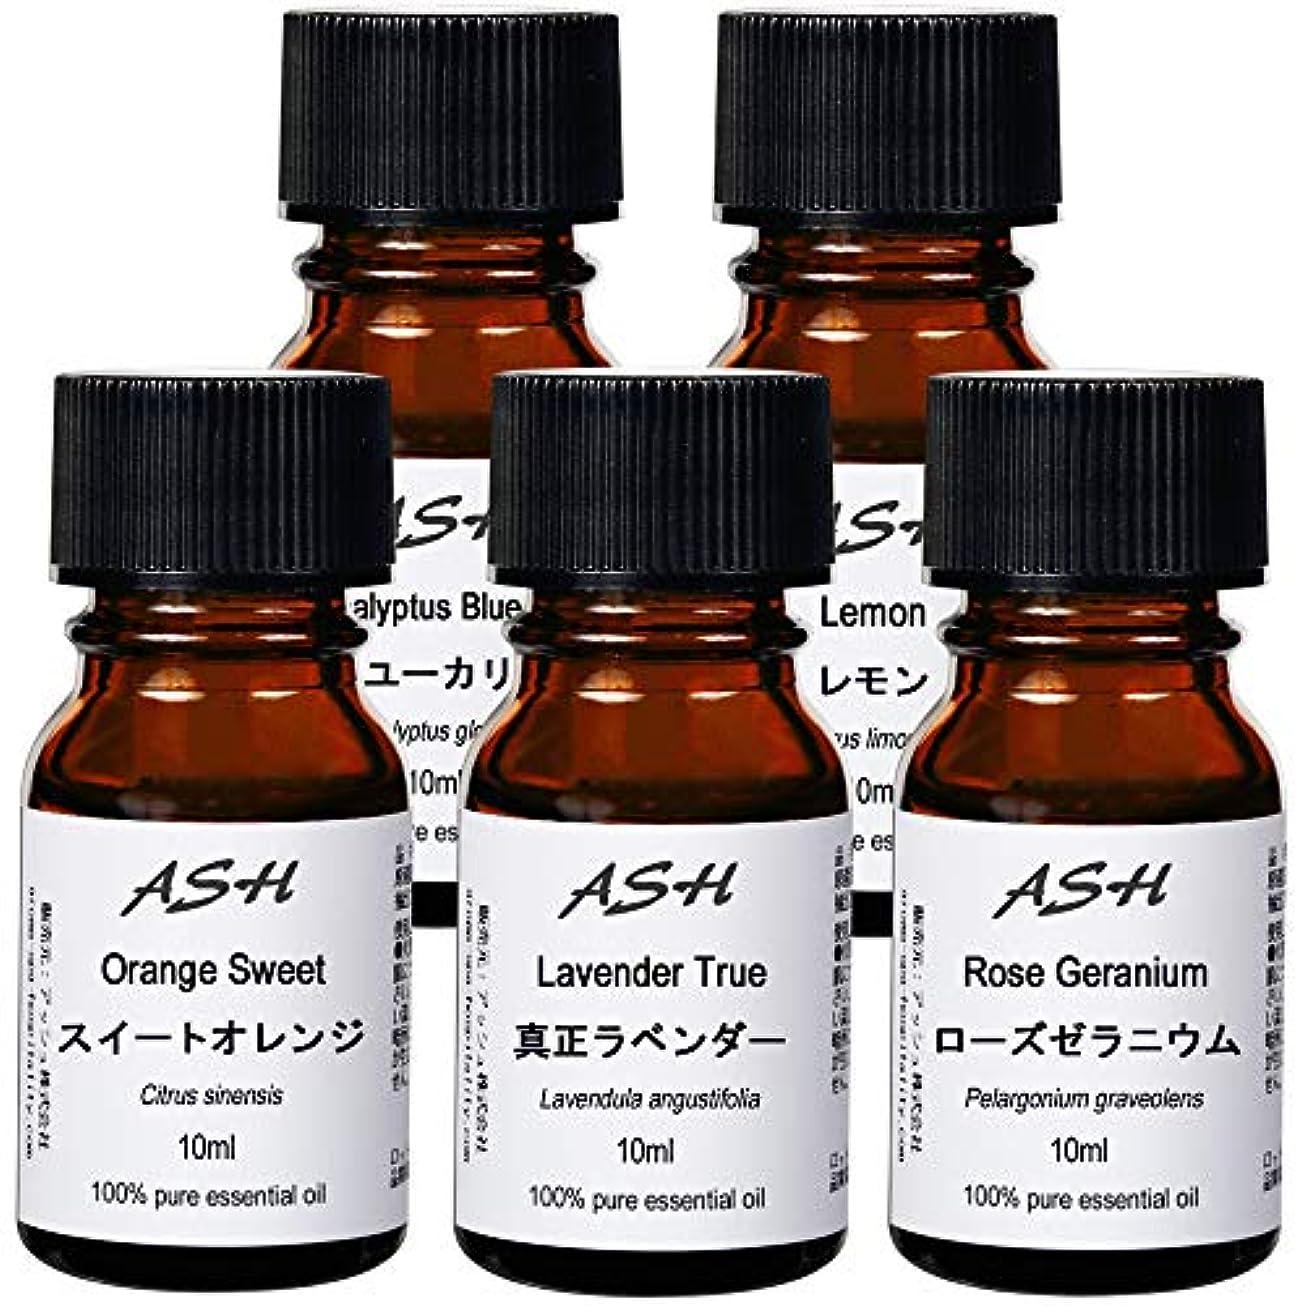 噛む謝るタイルASH エッセンシャルオイル A.お試し 10mlx5本セット (スイートオレンジ/ユーカリ/ラベンダー/レモン/ローズゼラニウム) AEAJ認定精油